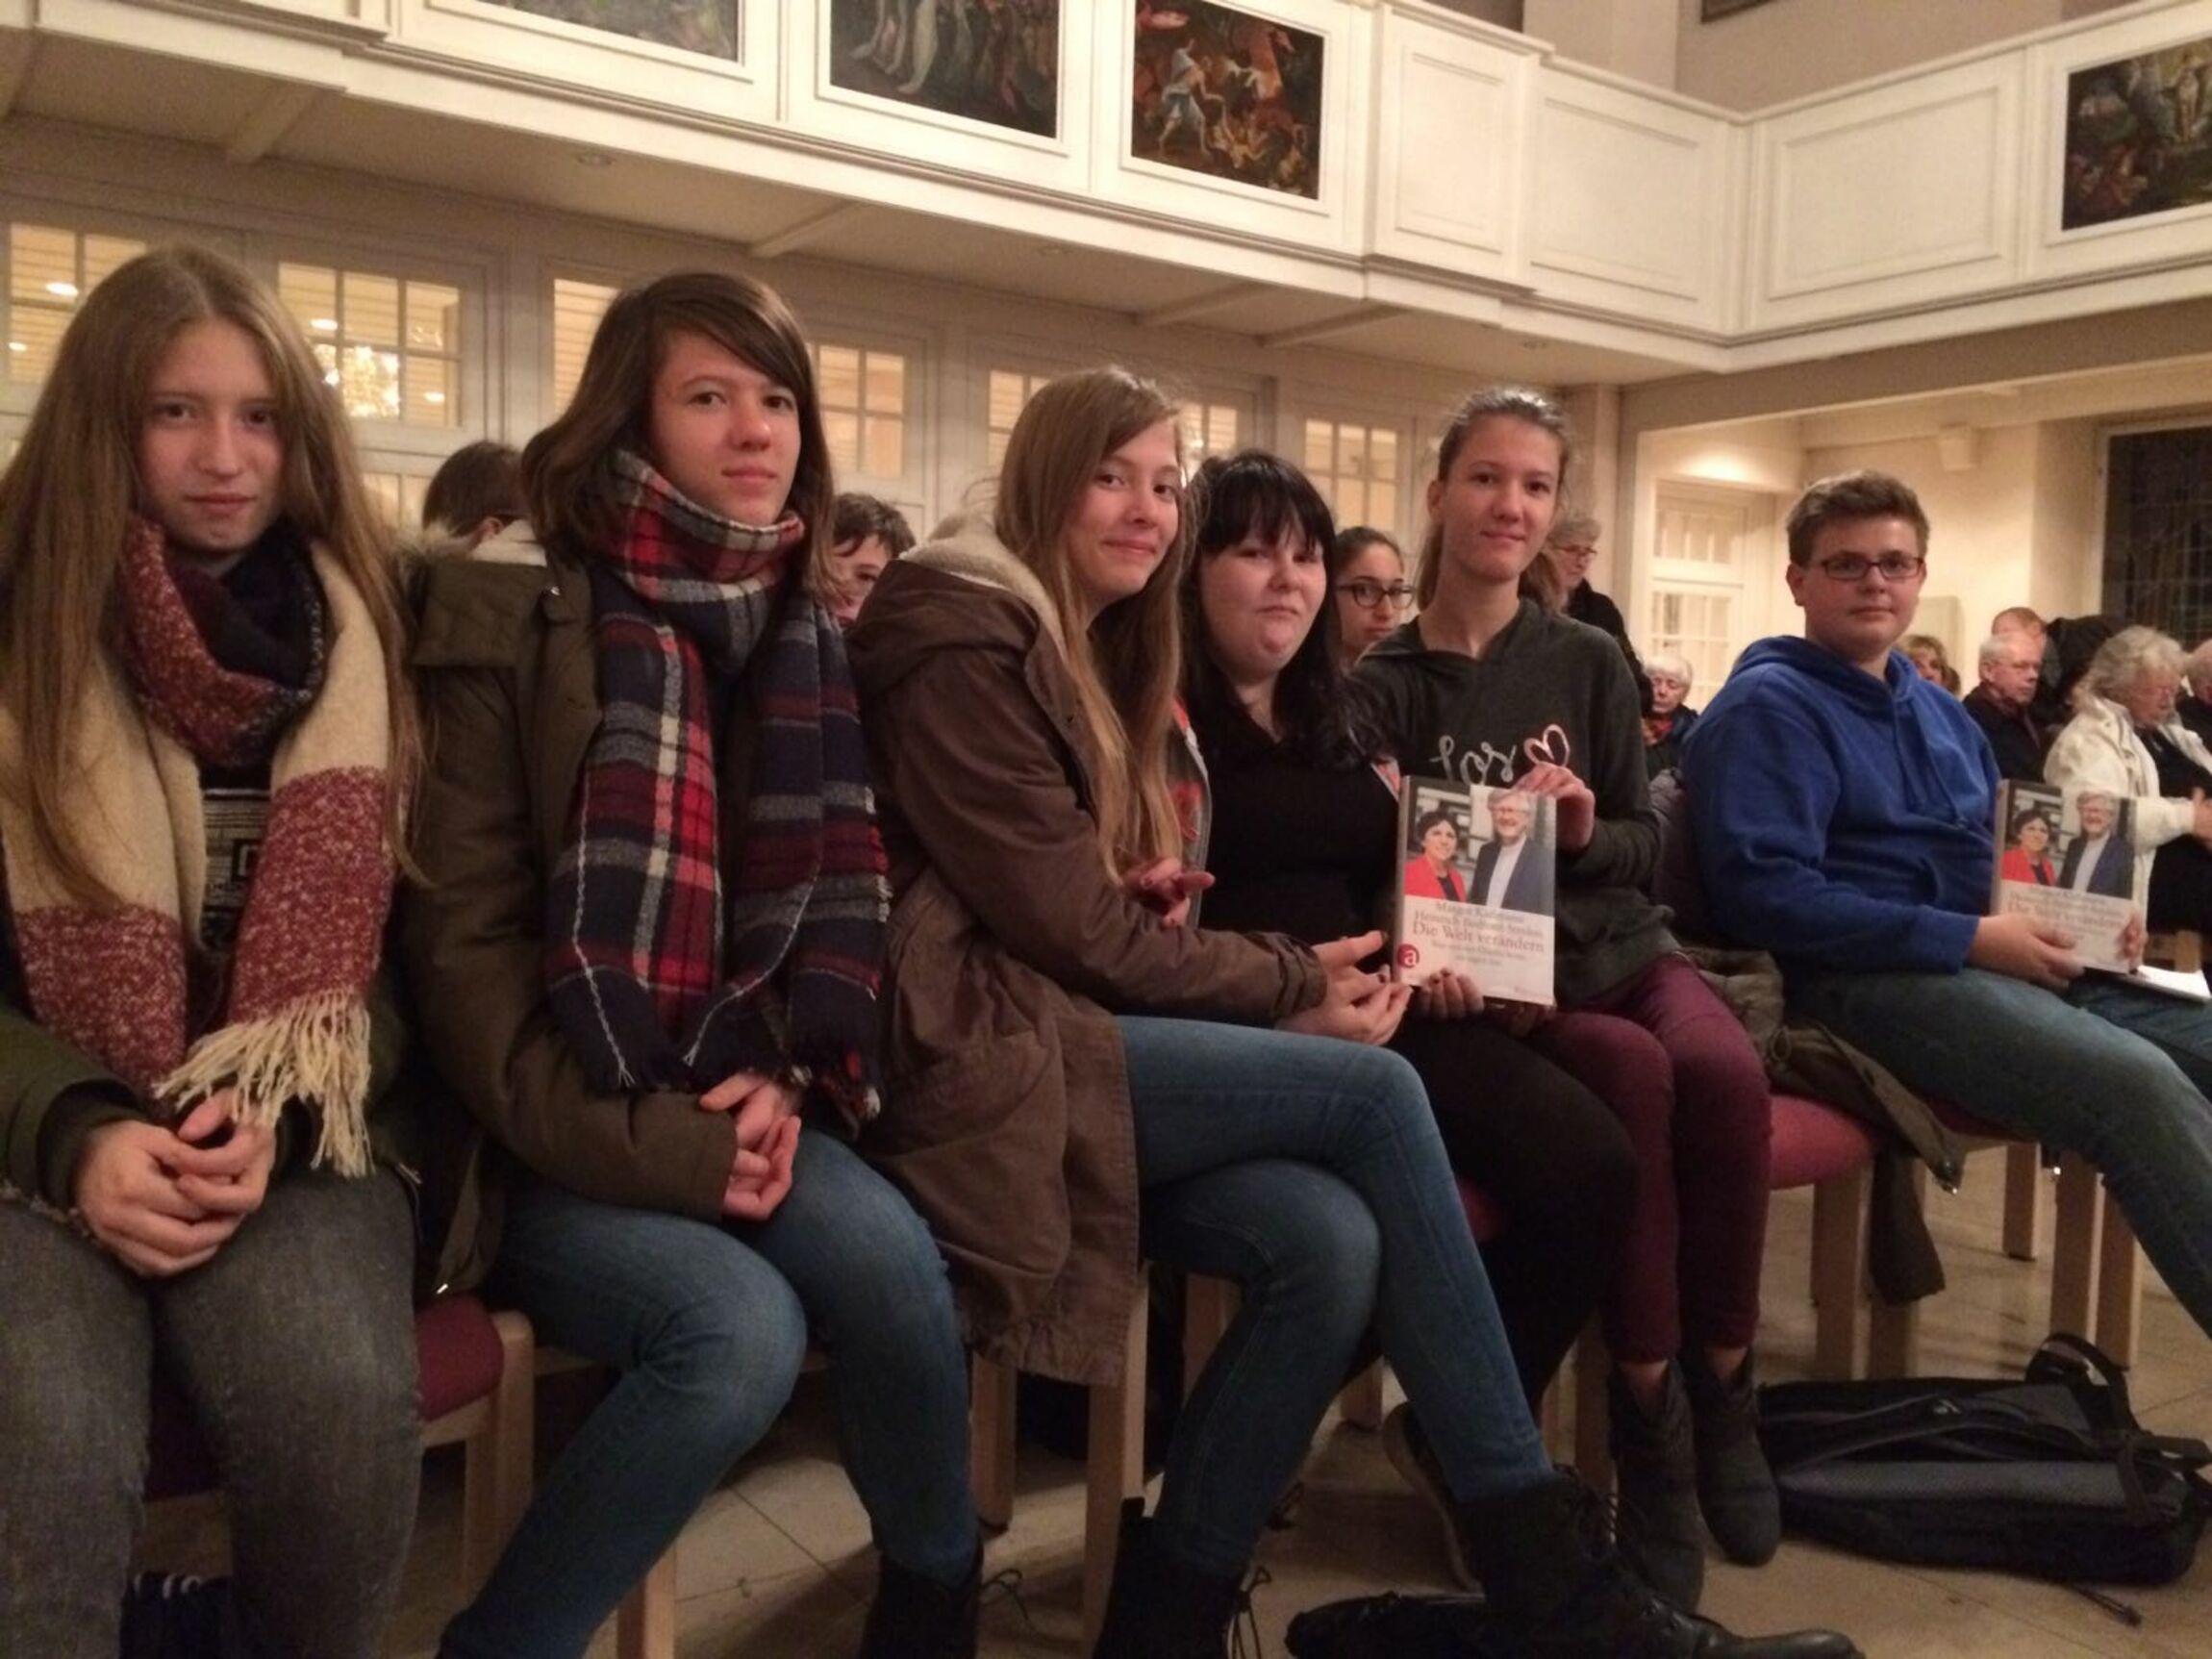 Schüler*innen der Evangelischen IGS Wunstorf bei der Buchvorstellung von Margot Käßmann